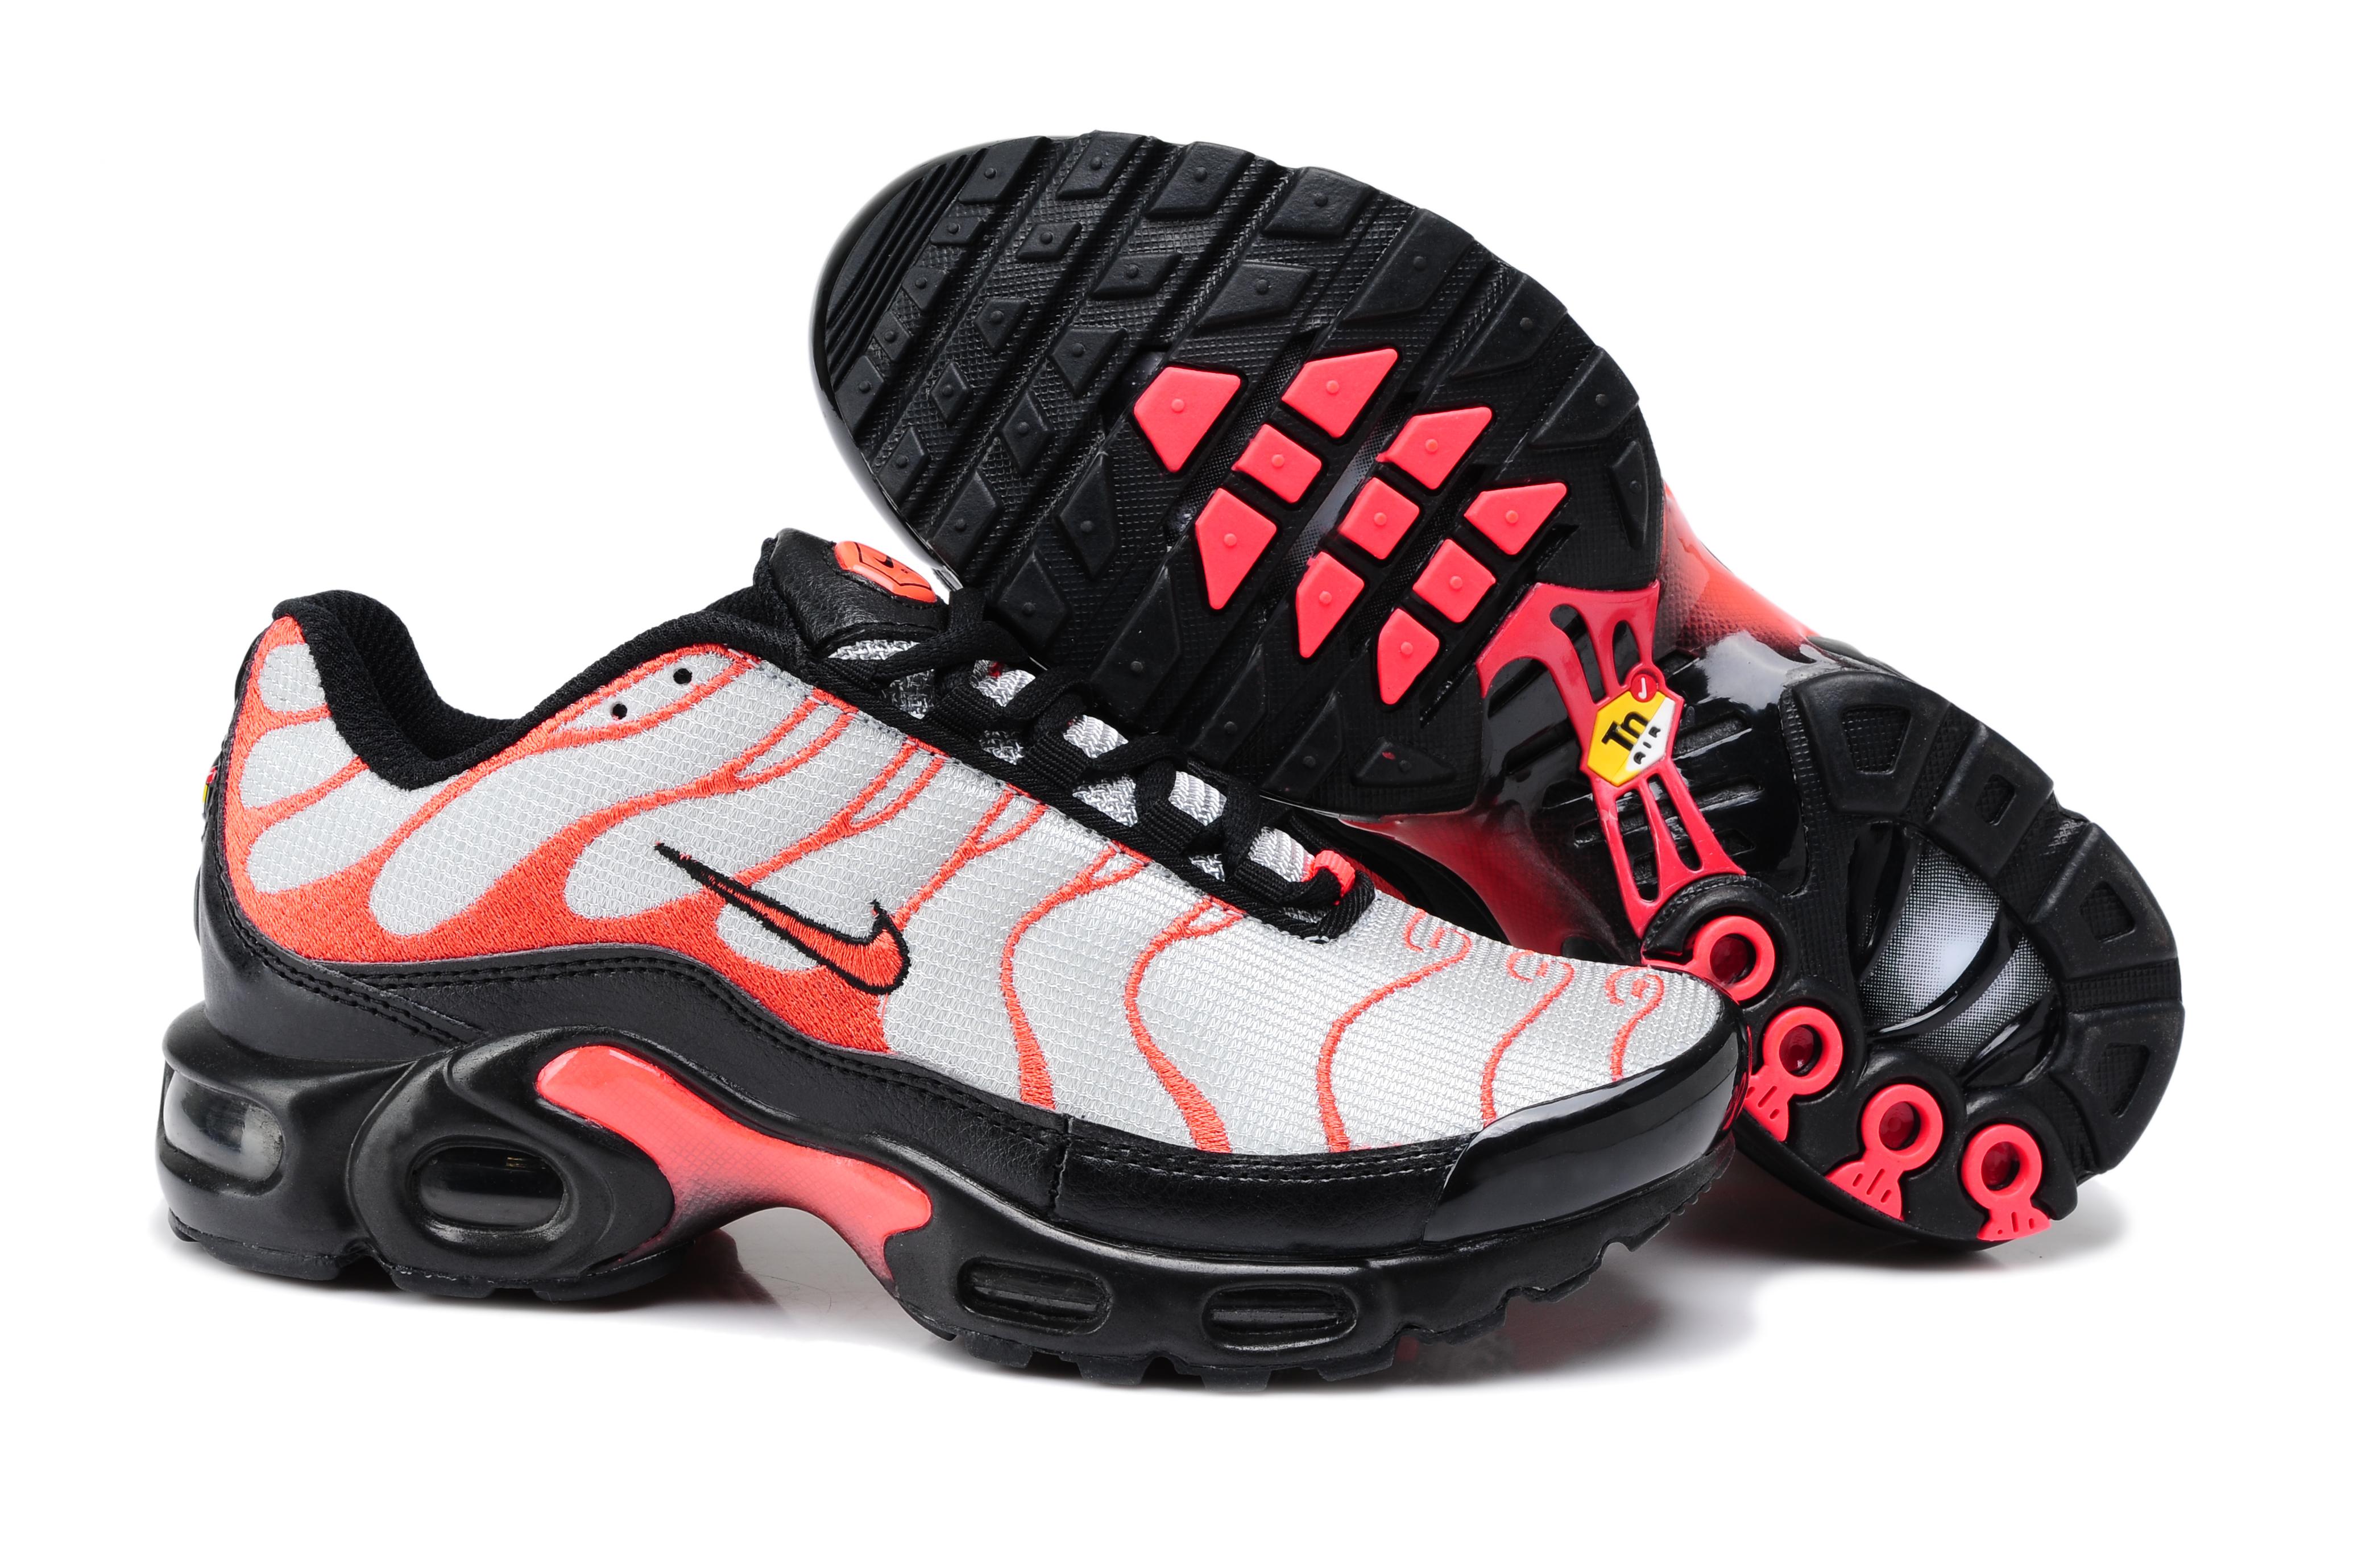 Nike TN 2016 Femme Homme nike air max st le nike air max Pas Cher triax 19d505c3f71f